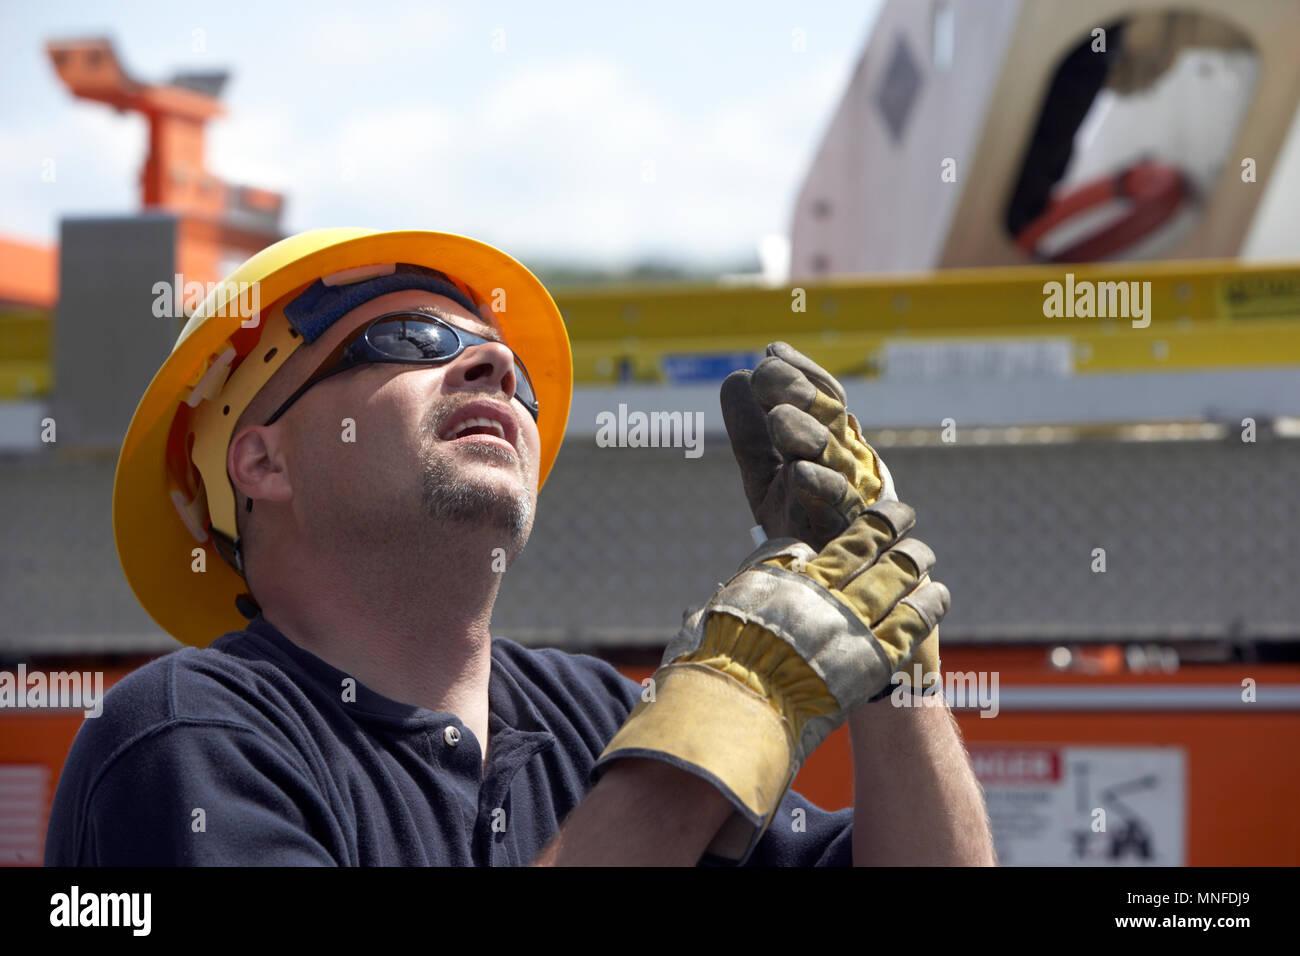 Elektrische Dienstprogramm Arbeiter schaut In Arbeit an einem Projekt zur Verbesserung der Infrastruktur Stockbild